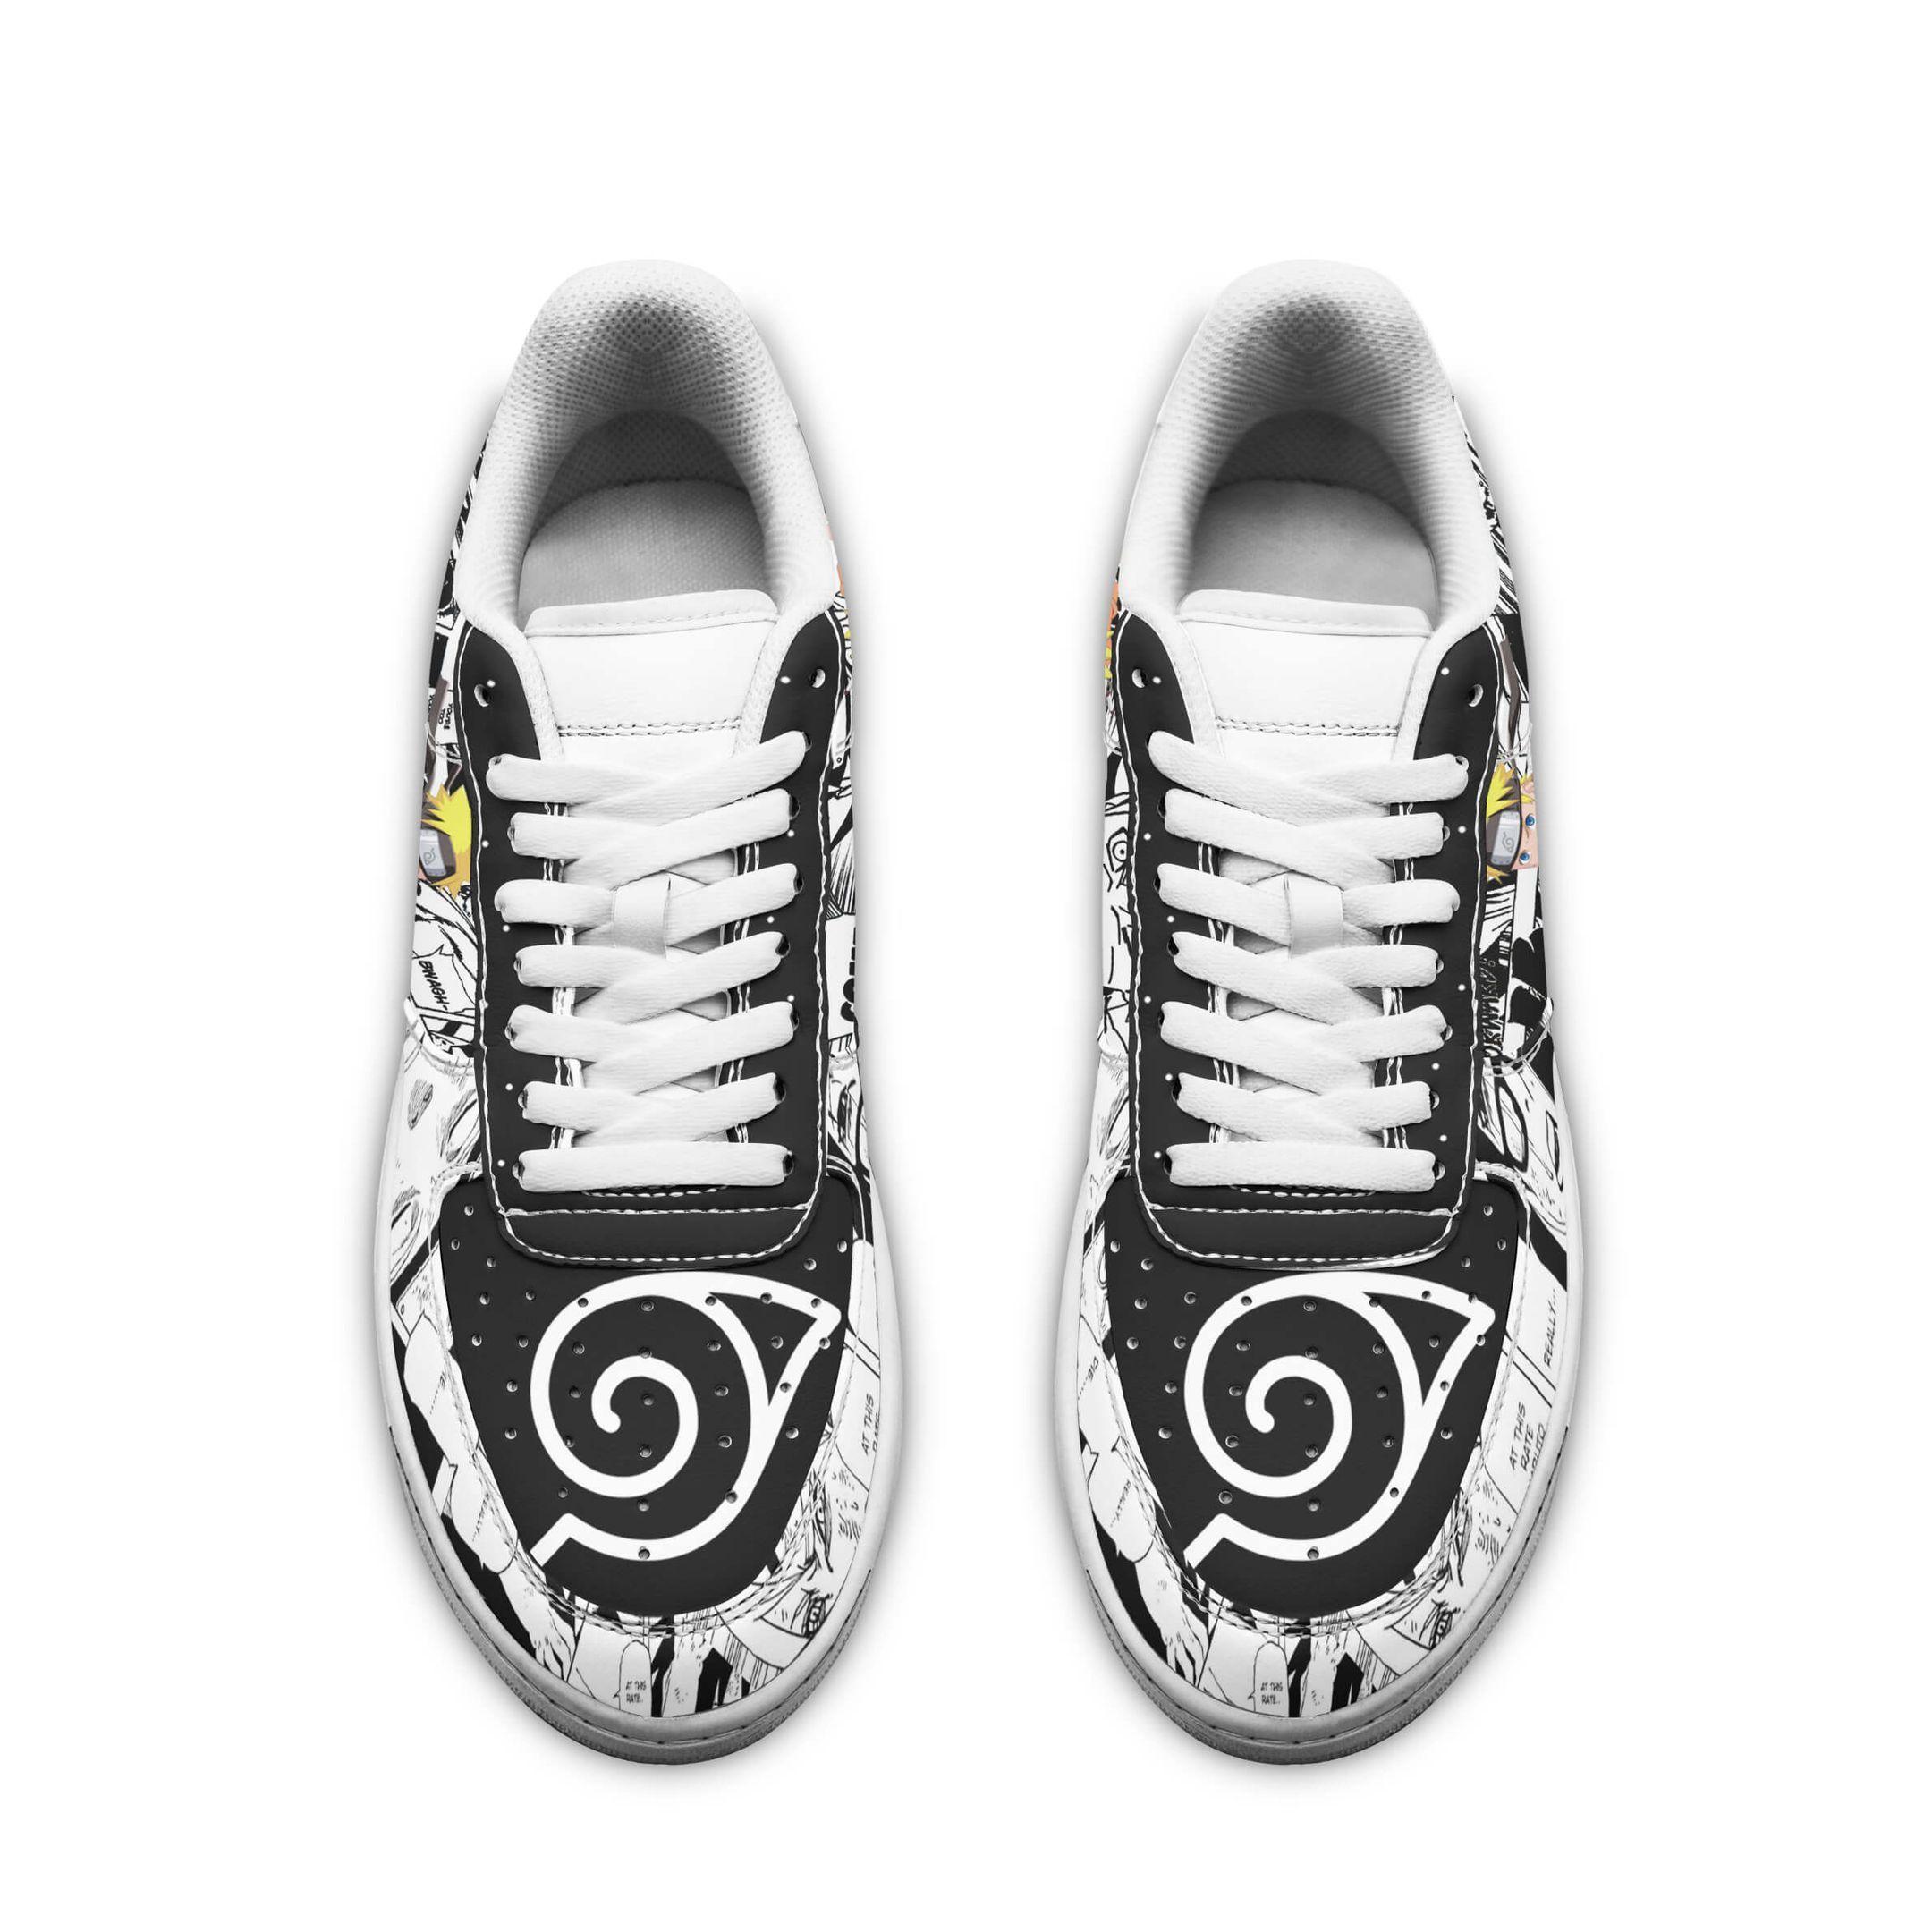 Naruto Air Sneakers Custom Mixed Manga Naruto Anime Shoes GO1012